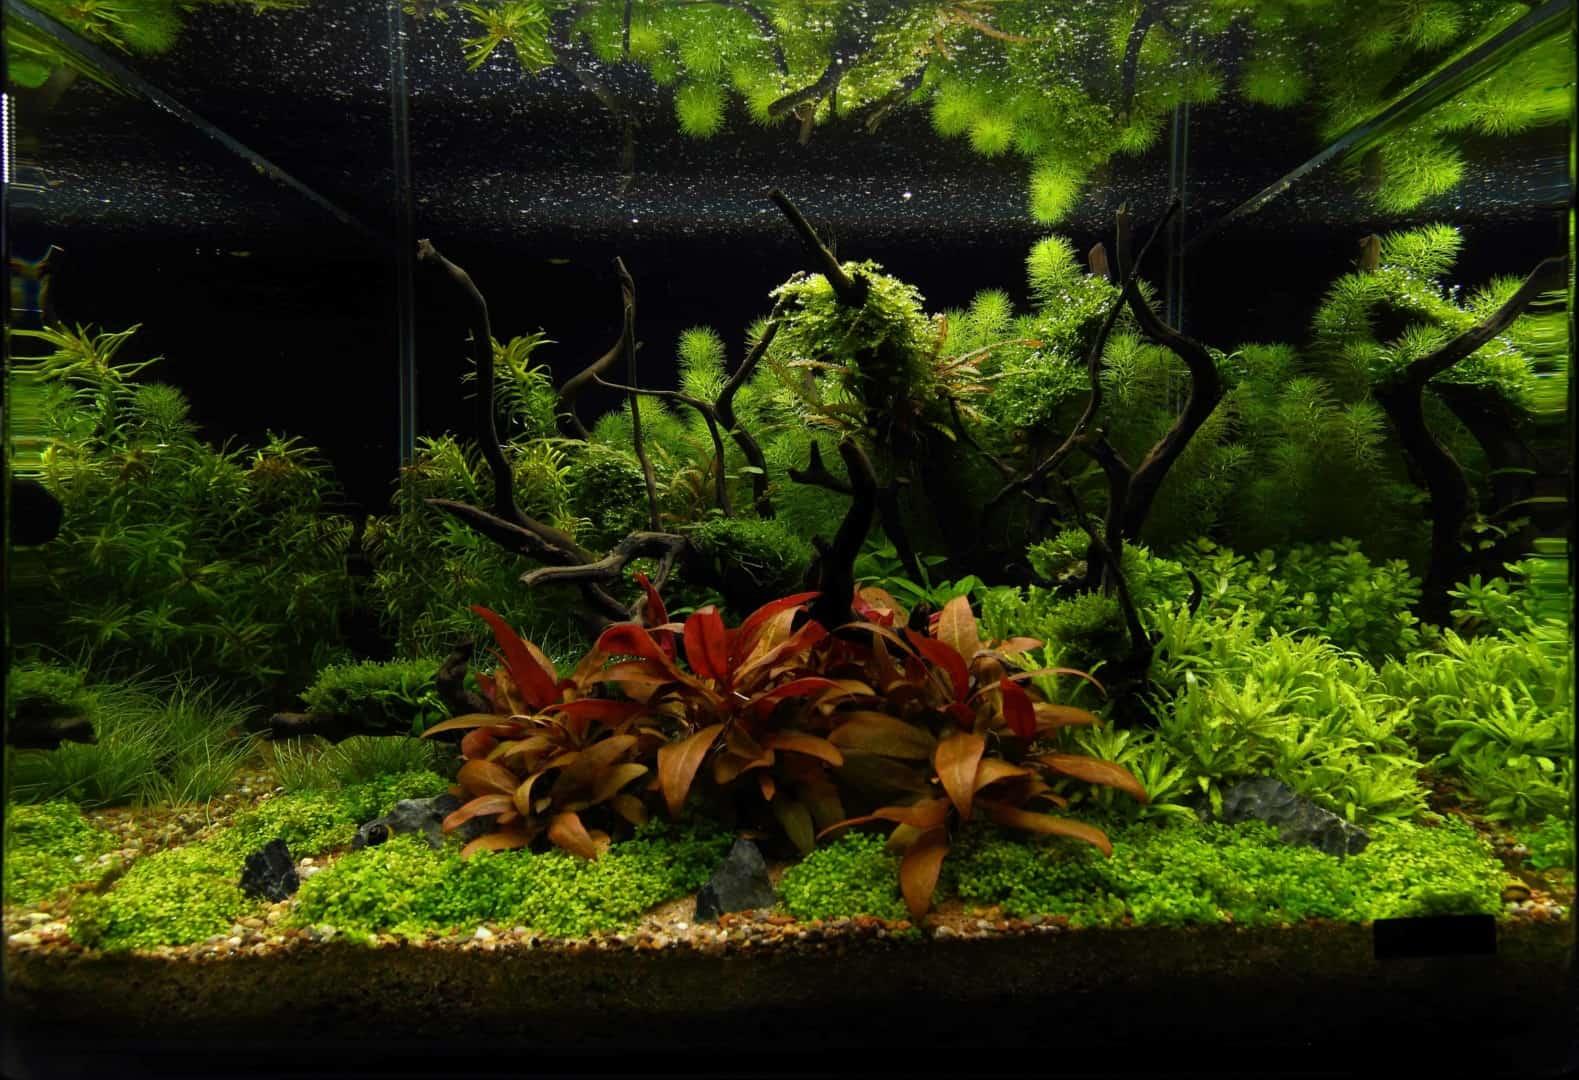 191 - The Art of the Planted Aquarium - Neuheiten und Möglichkeiten zum Mitmachen im April 2019 (Stefanie Hesse) 33